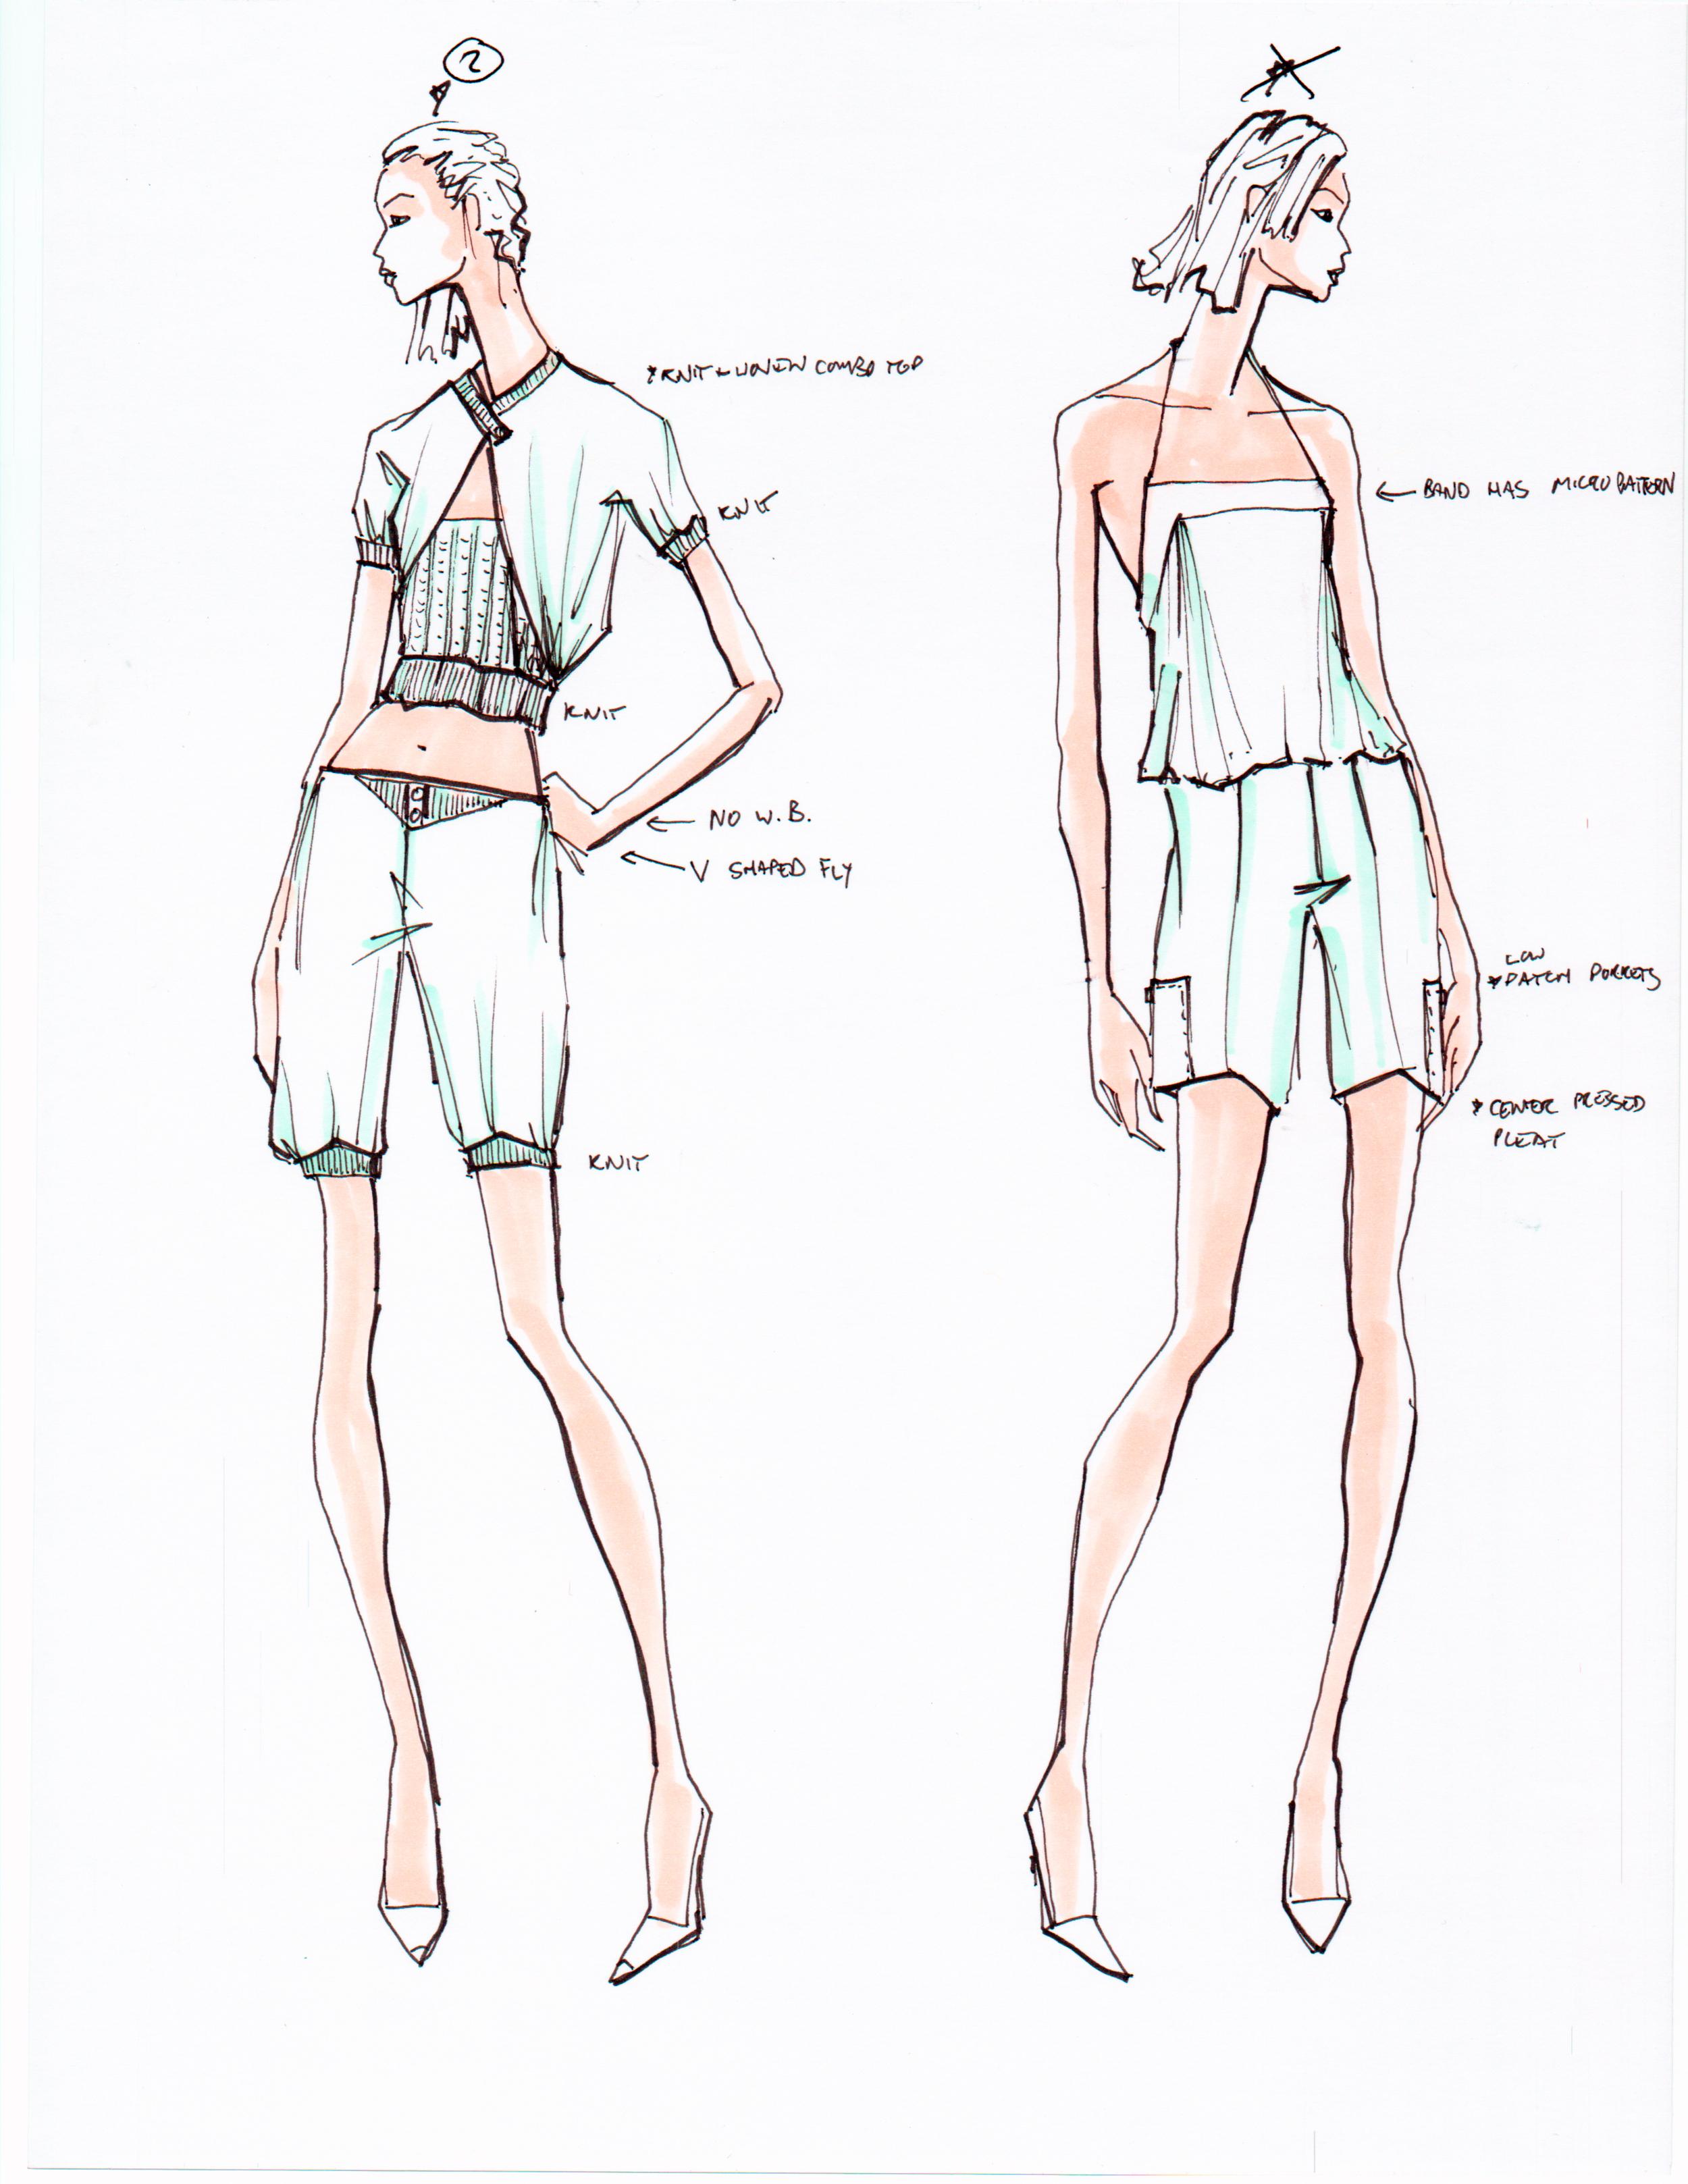 Knitwear Sketch 2.jpg